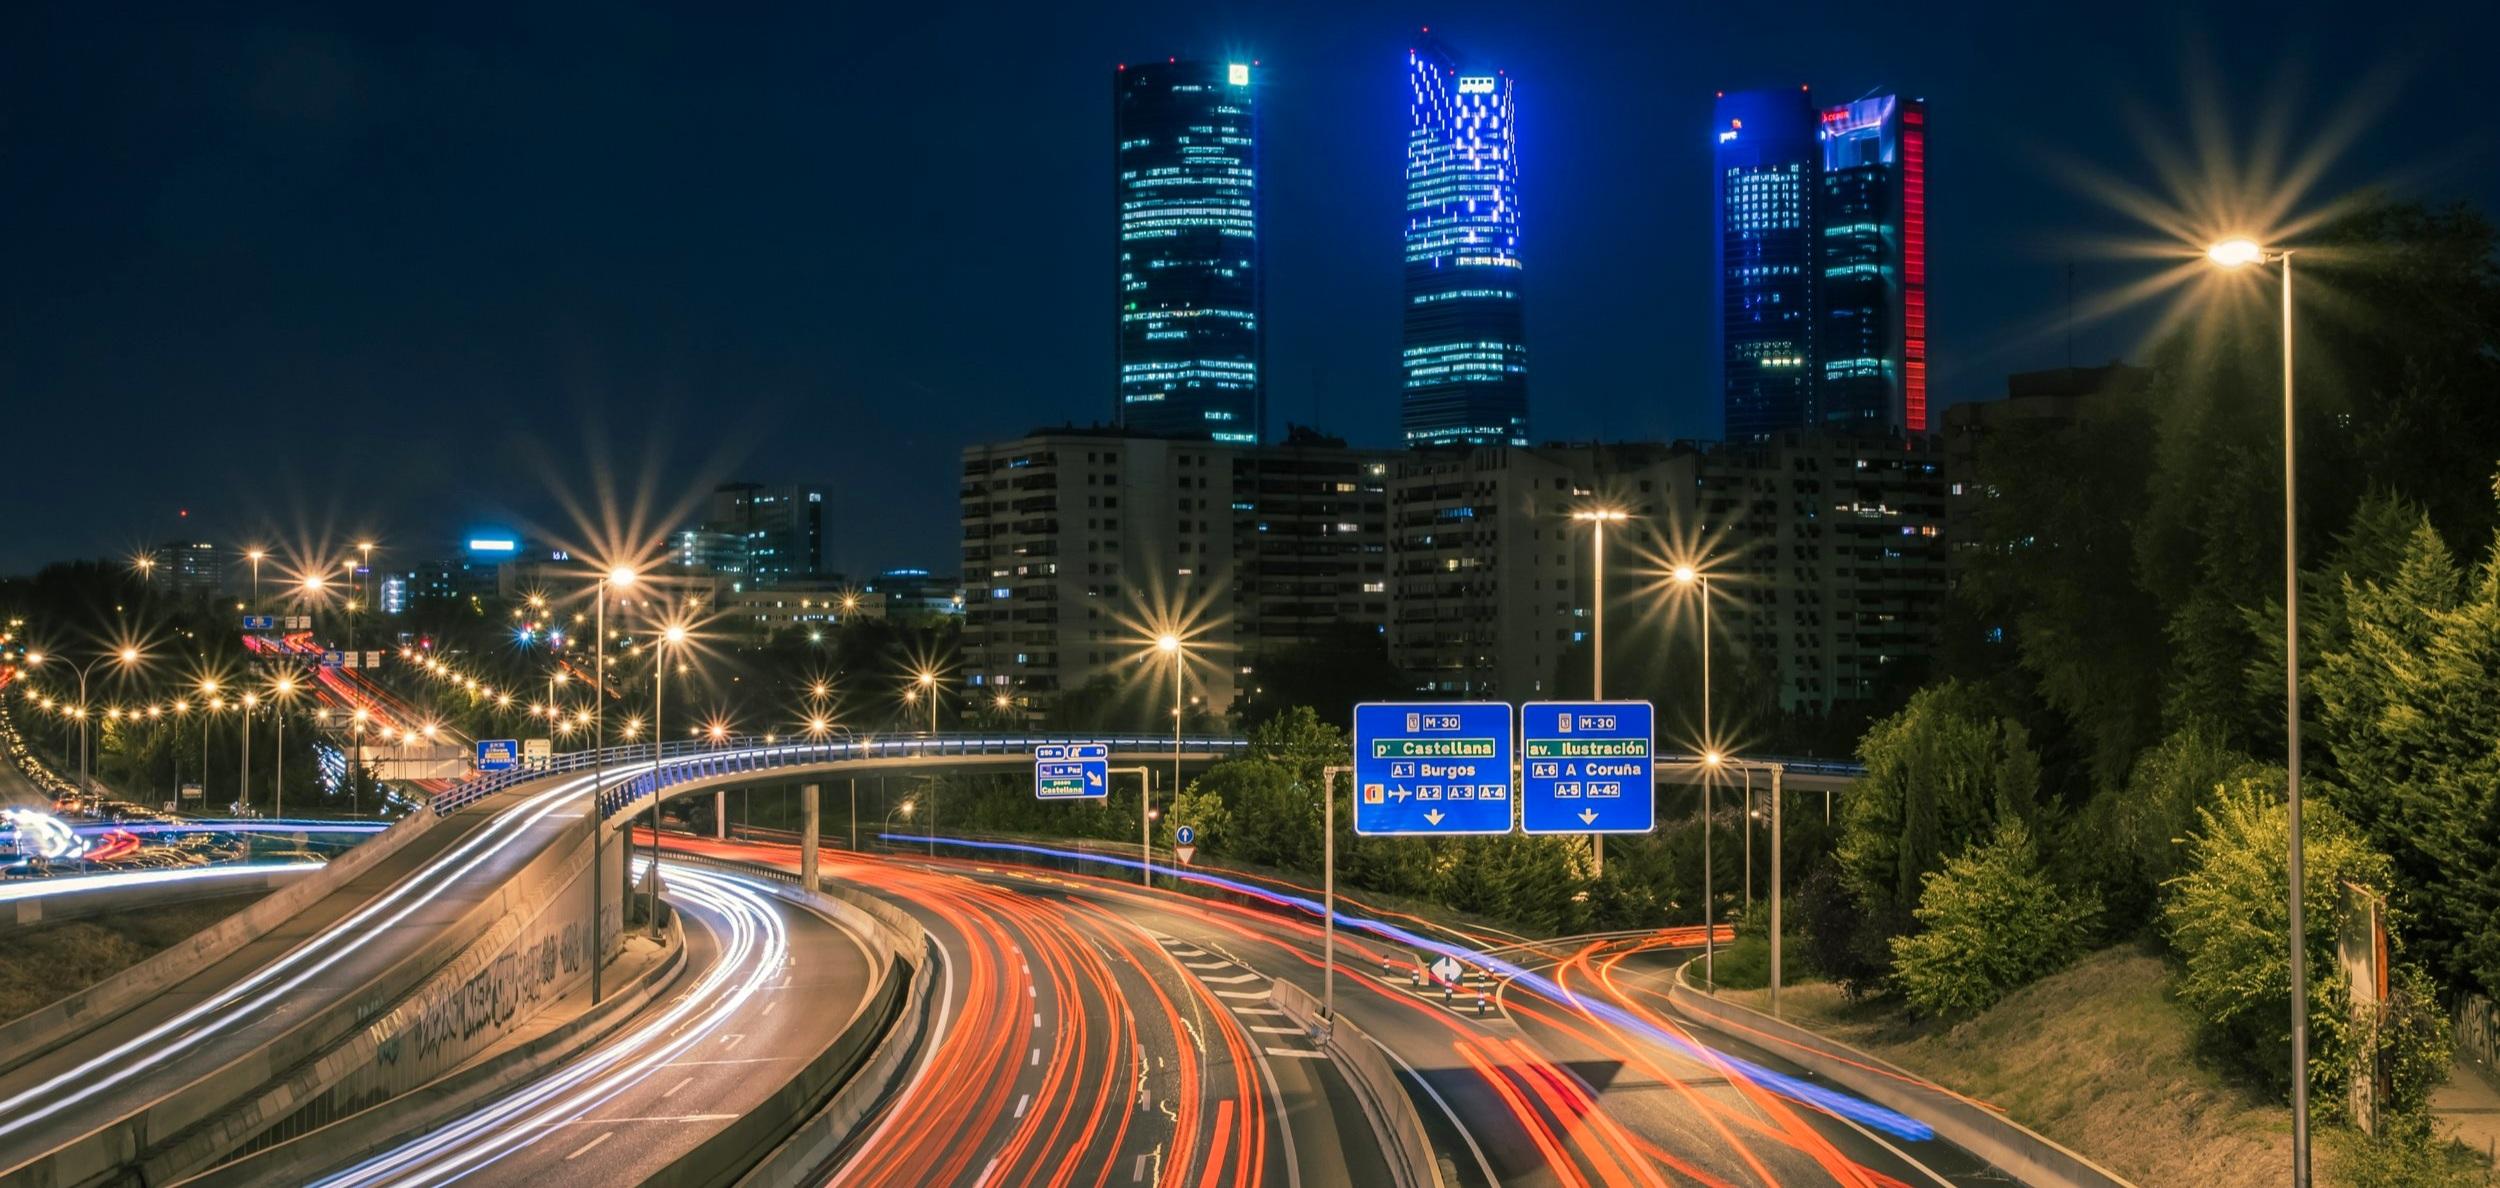 Carreteras al norte de Madrid